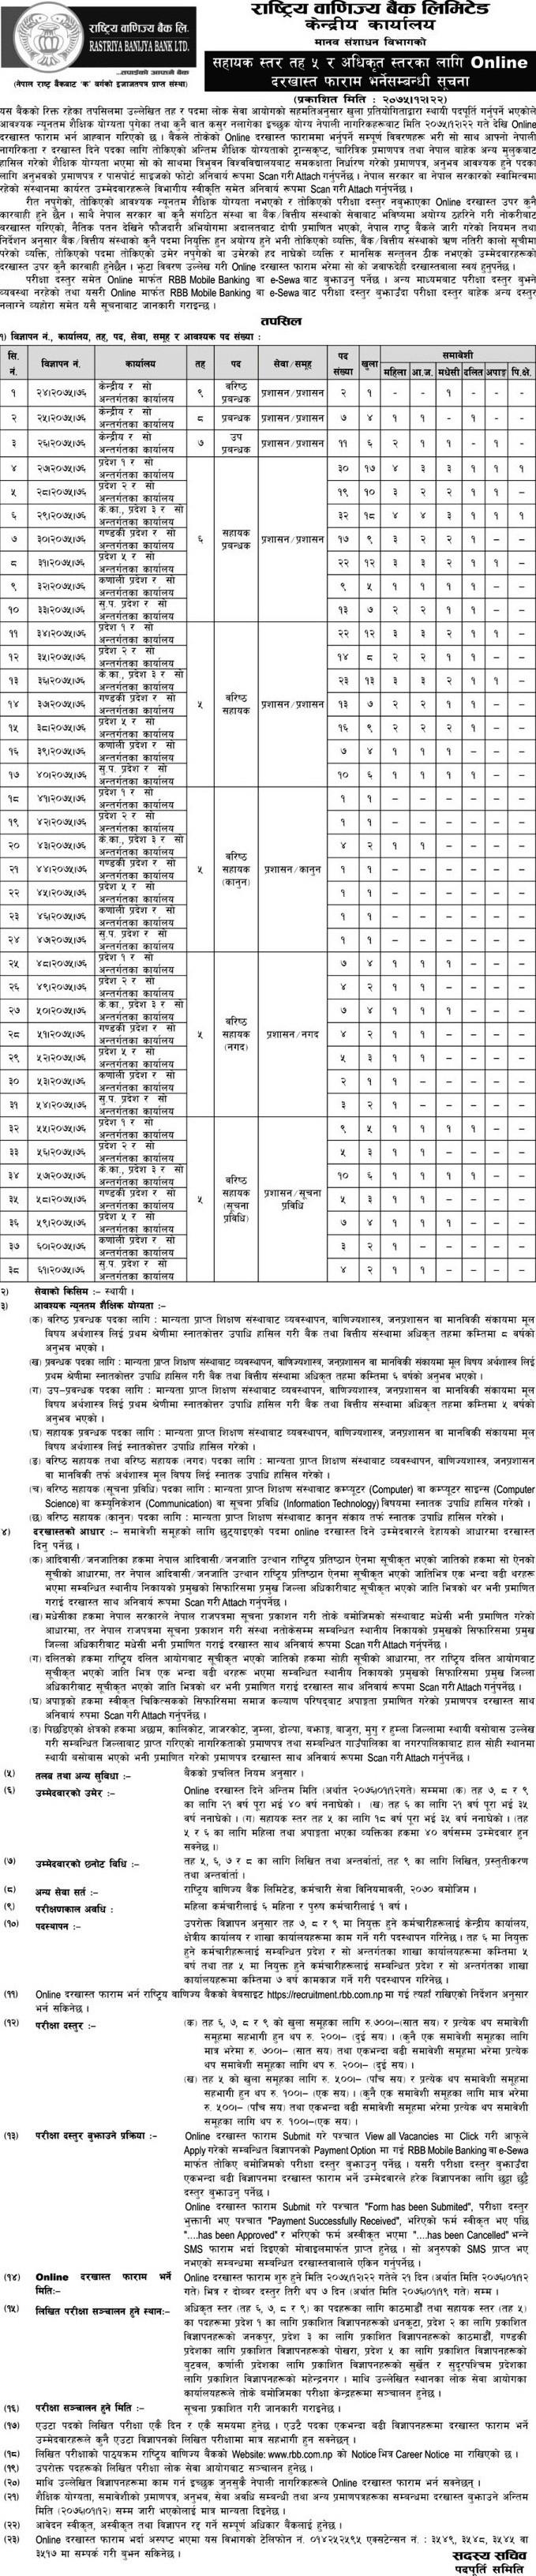 Recent Job Vacancy at Rastriya Banajya Bank (RBB) Manager and Officer Level